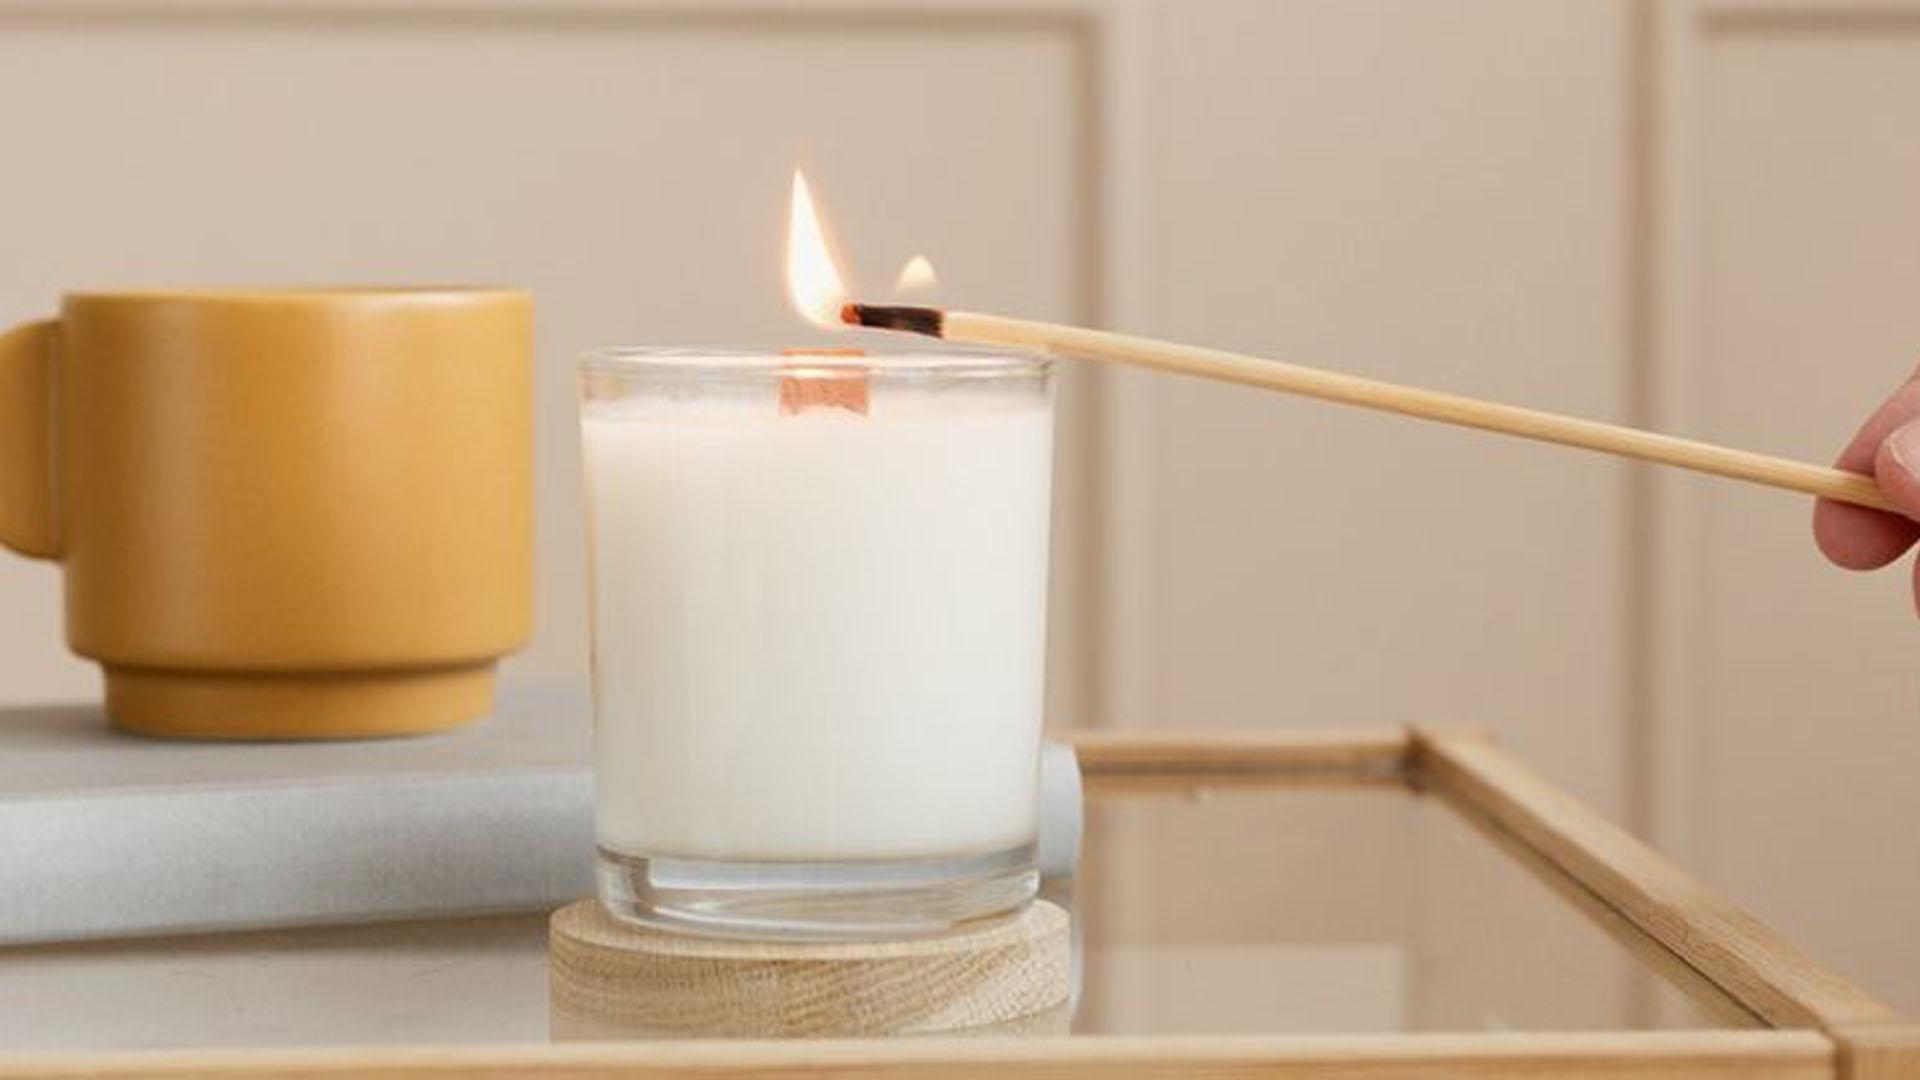 Rileksasi diri dengan home fragrance